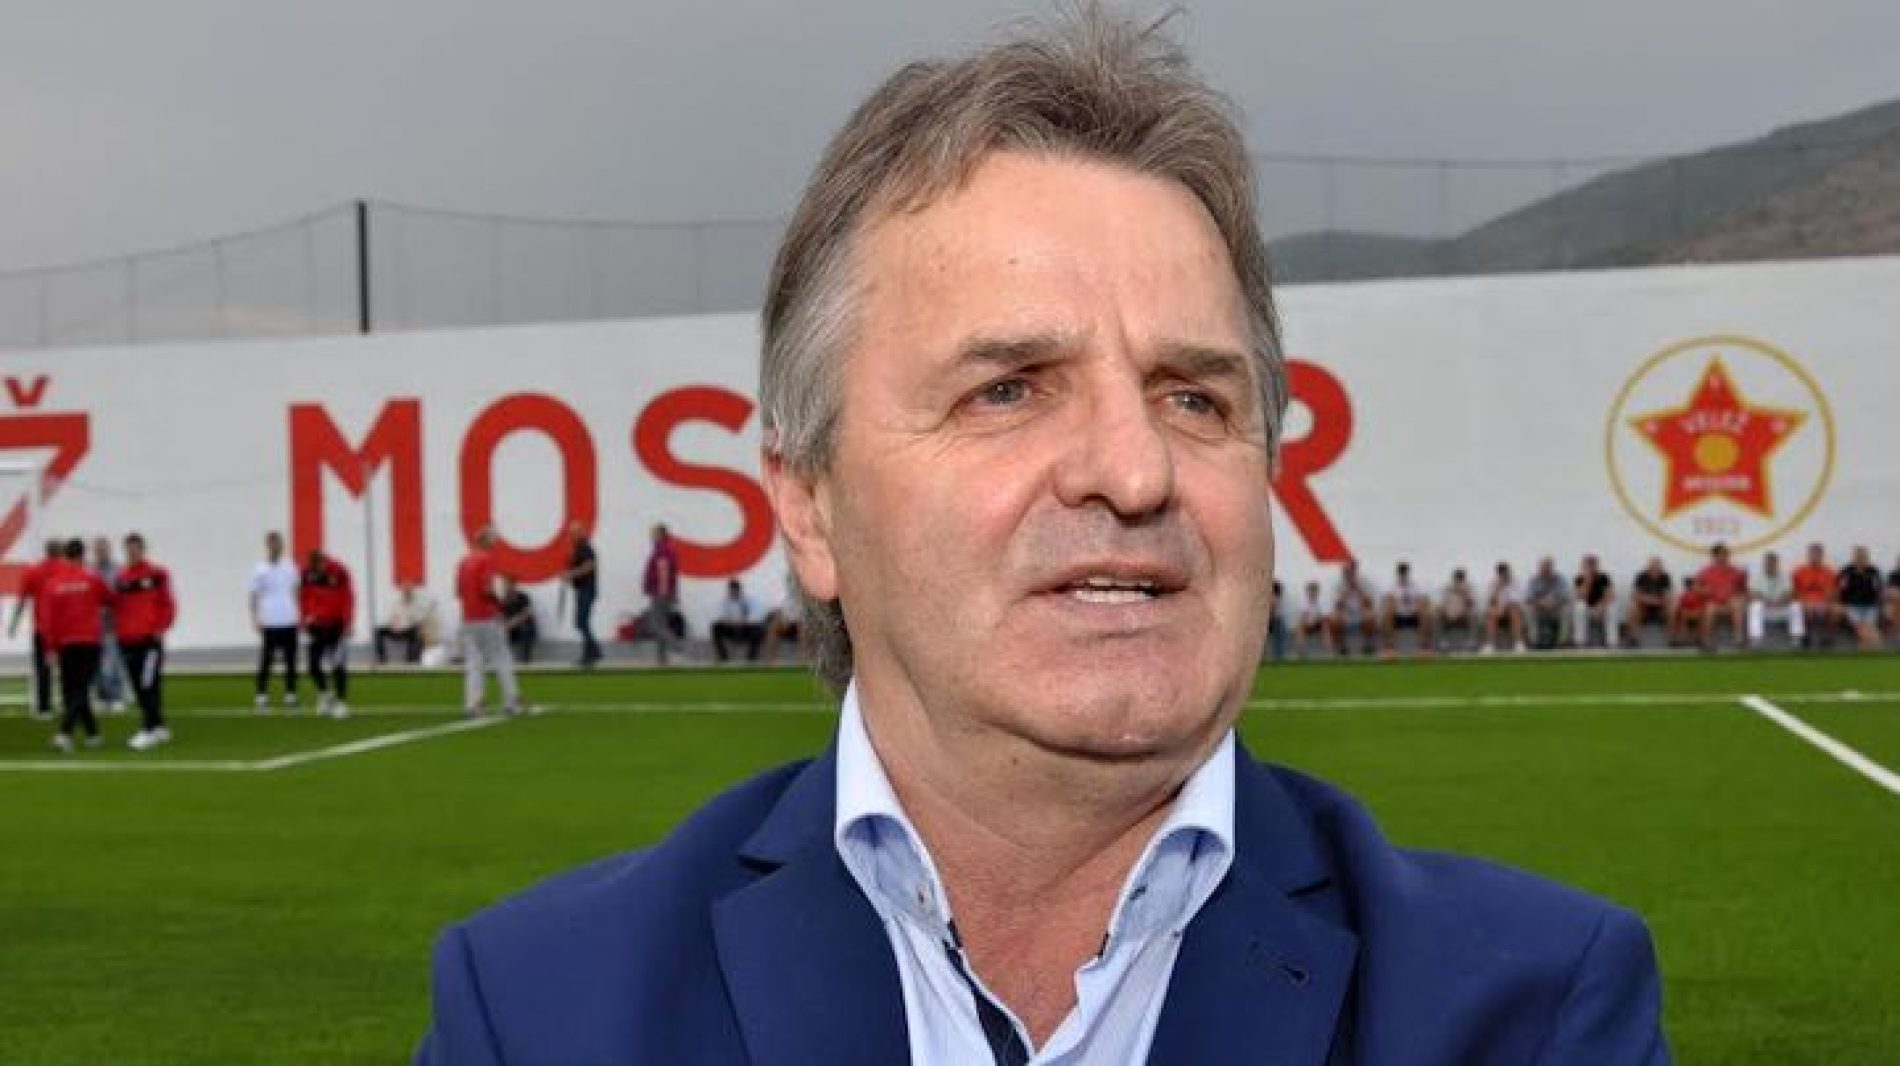 Prvi bosanski selektor predlaže Džemala Hadžiabdića za novog selektora